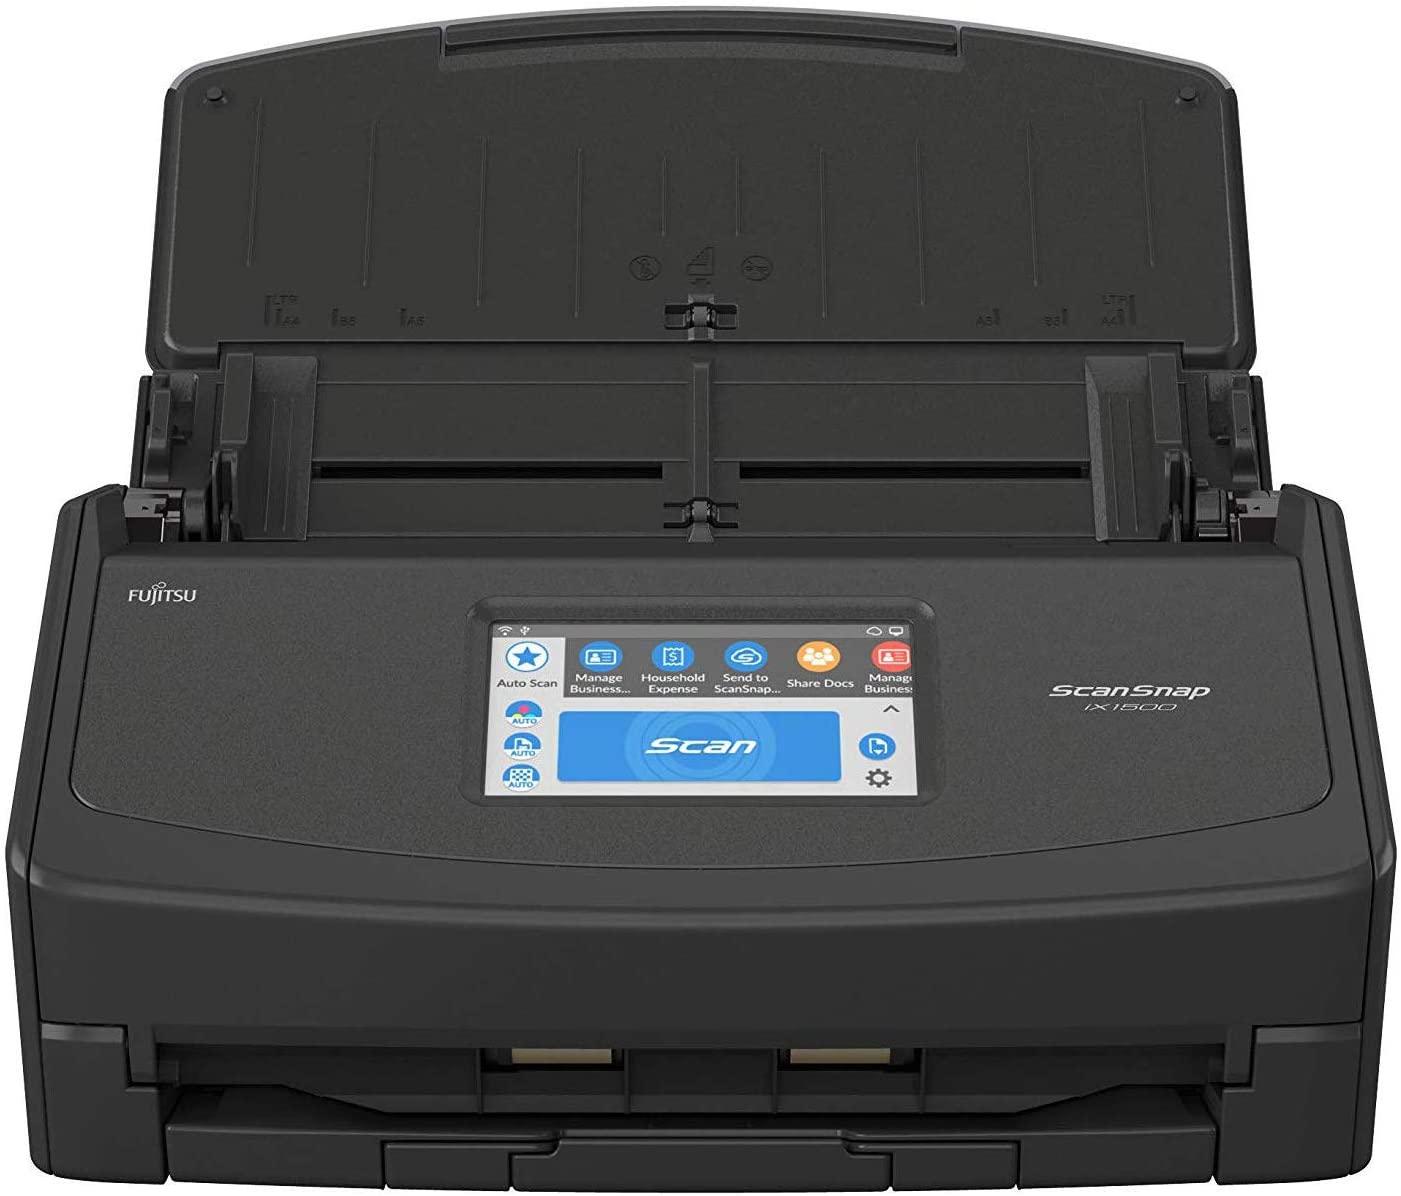 Fujitsu ScanSnap iX500 Scanner (PA03770-B105)